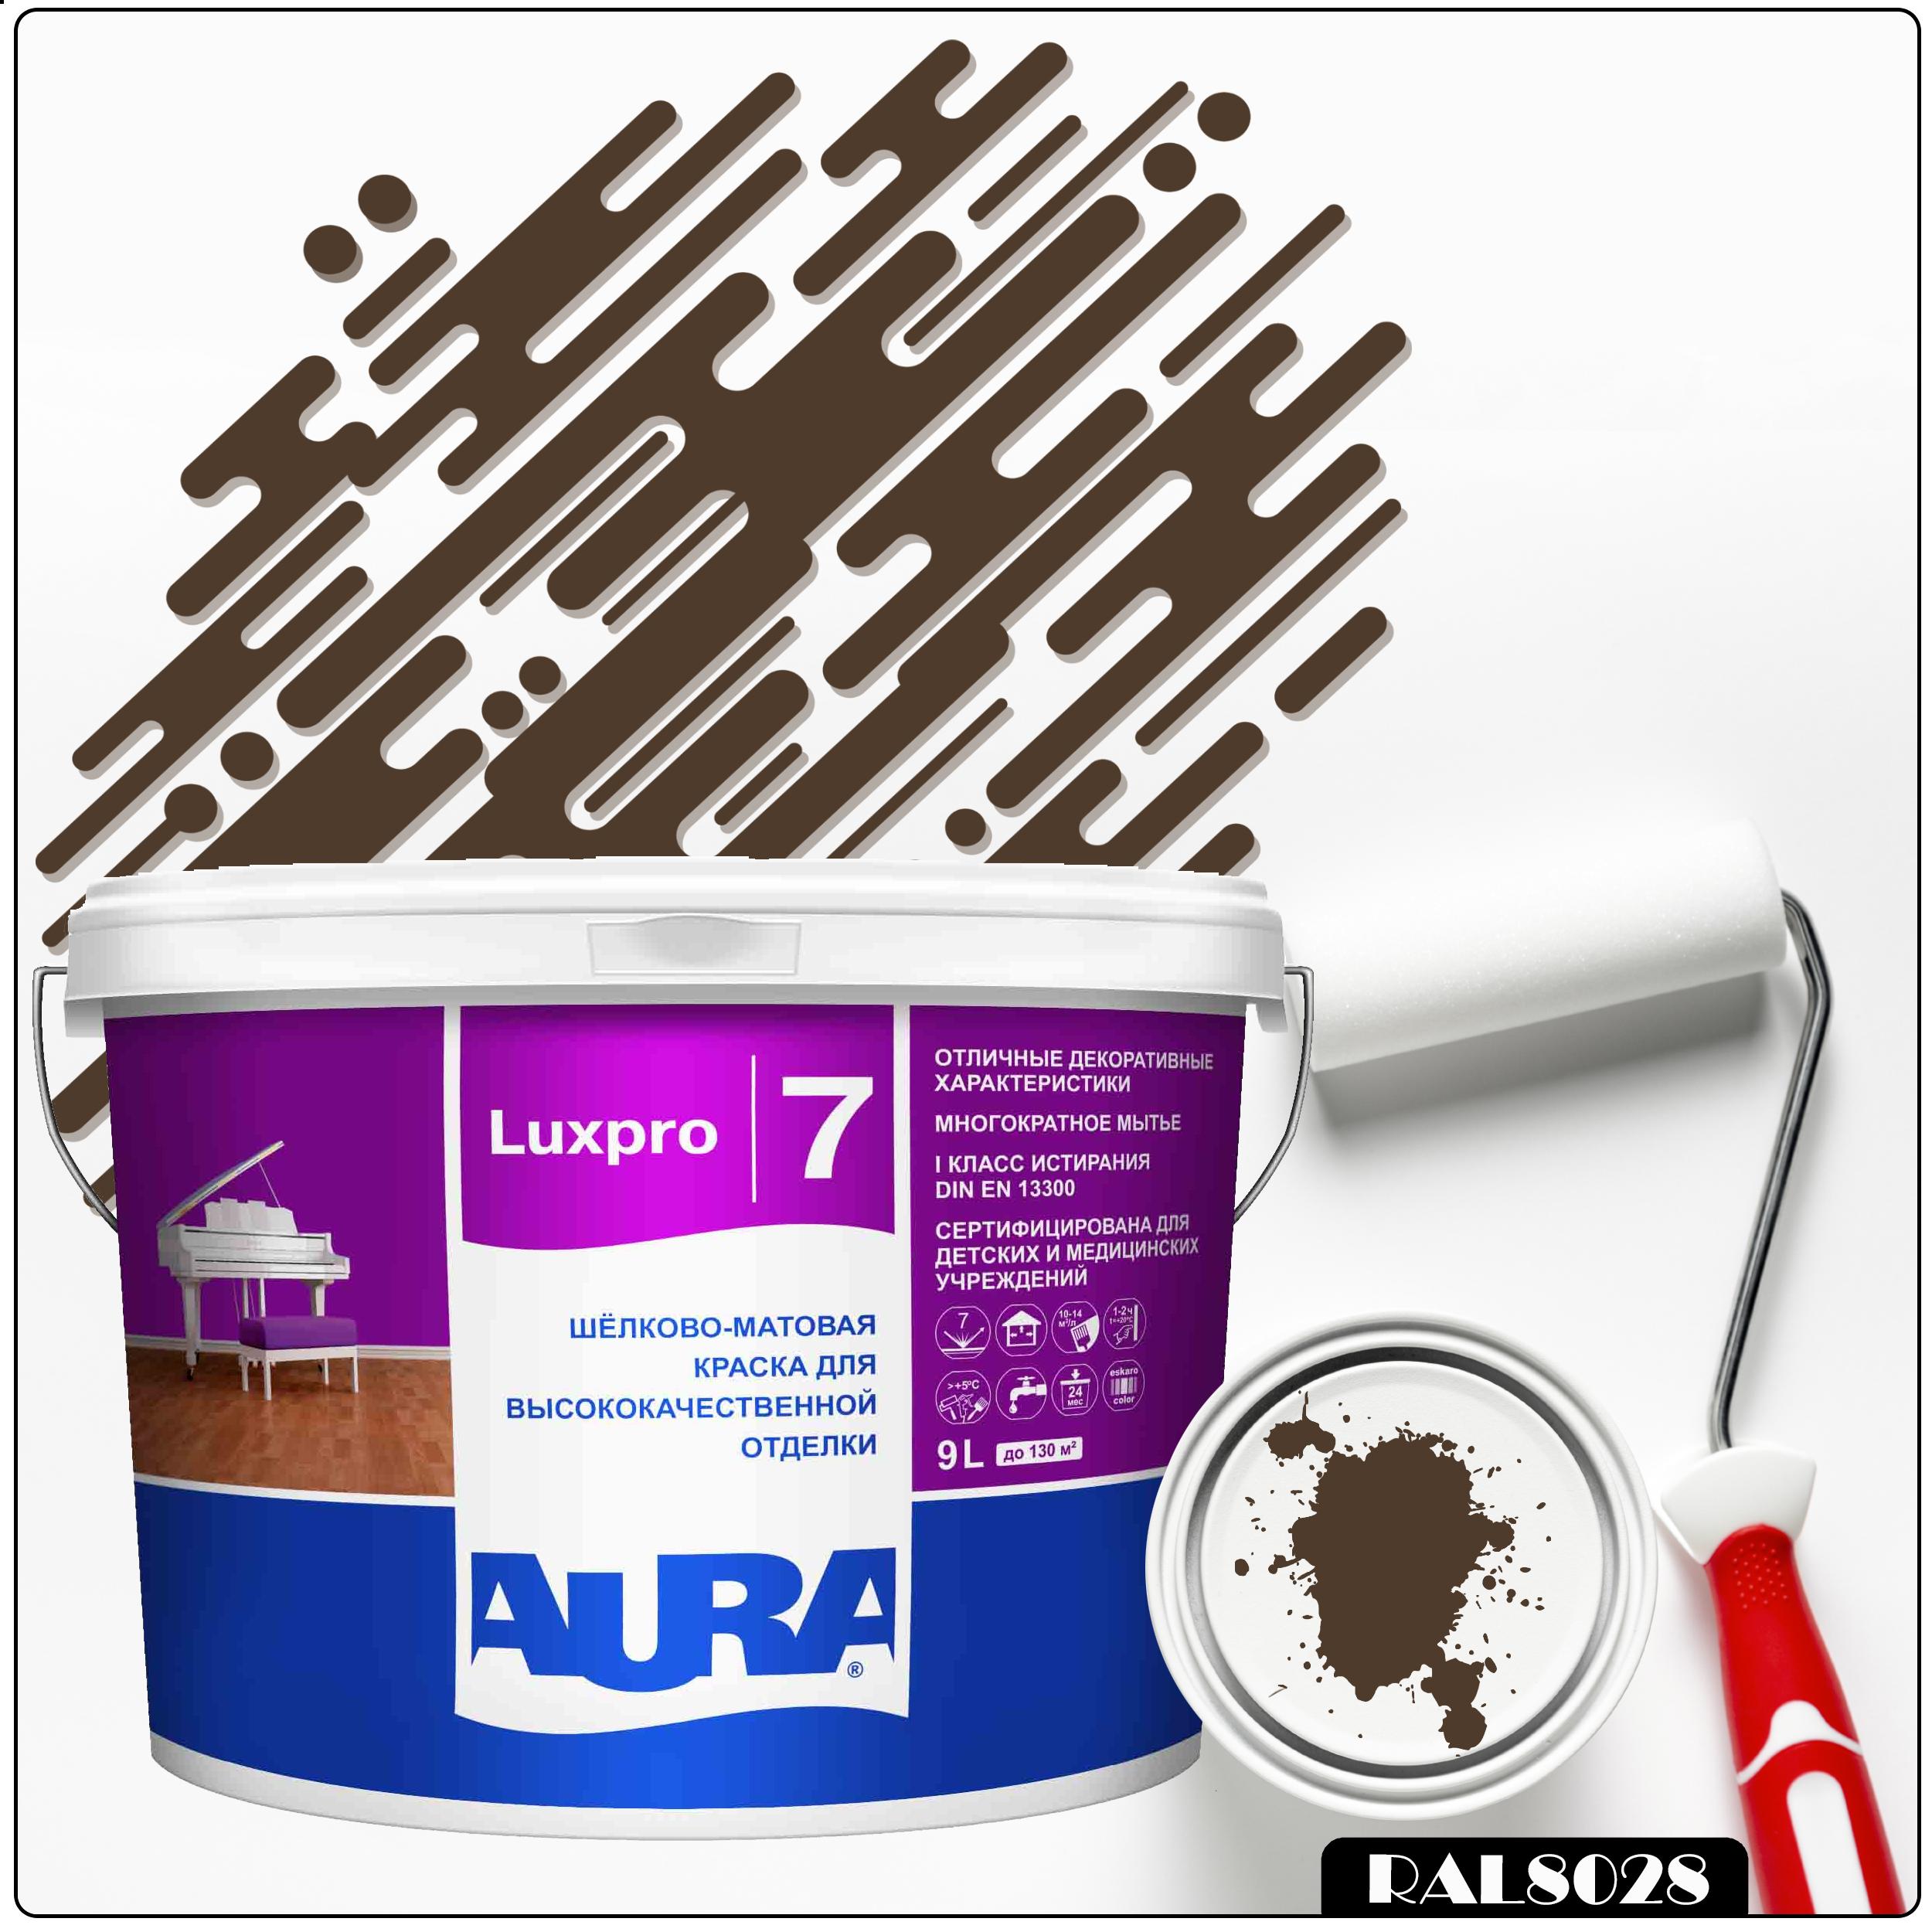 Фото 19 - Краска Aura LuxPRO 7, RAL 8028 Терракотовый, латексная, шелково-матовая, интерьерная, 9л, Аура.